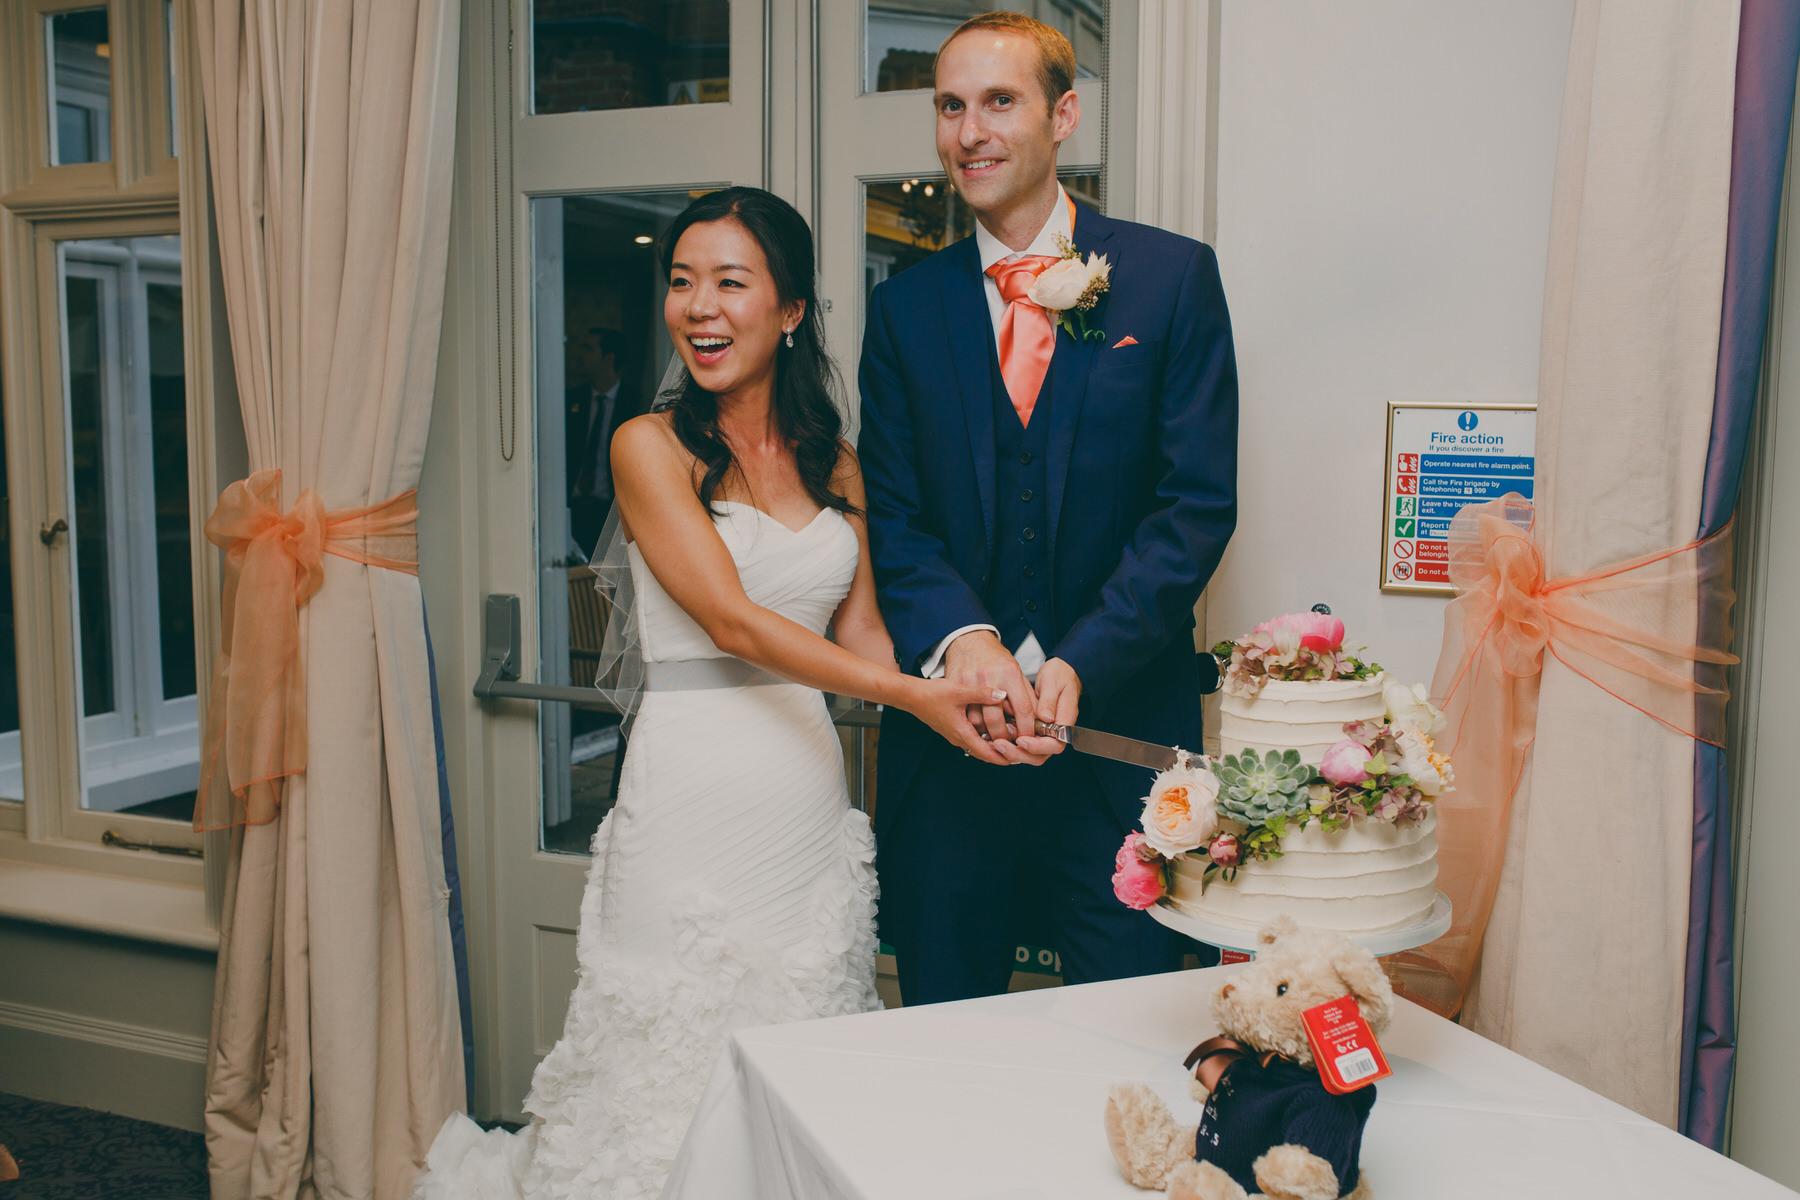 588 cake cutting Woodlands Hotel wedding.jpg